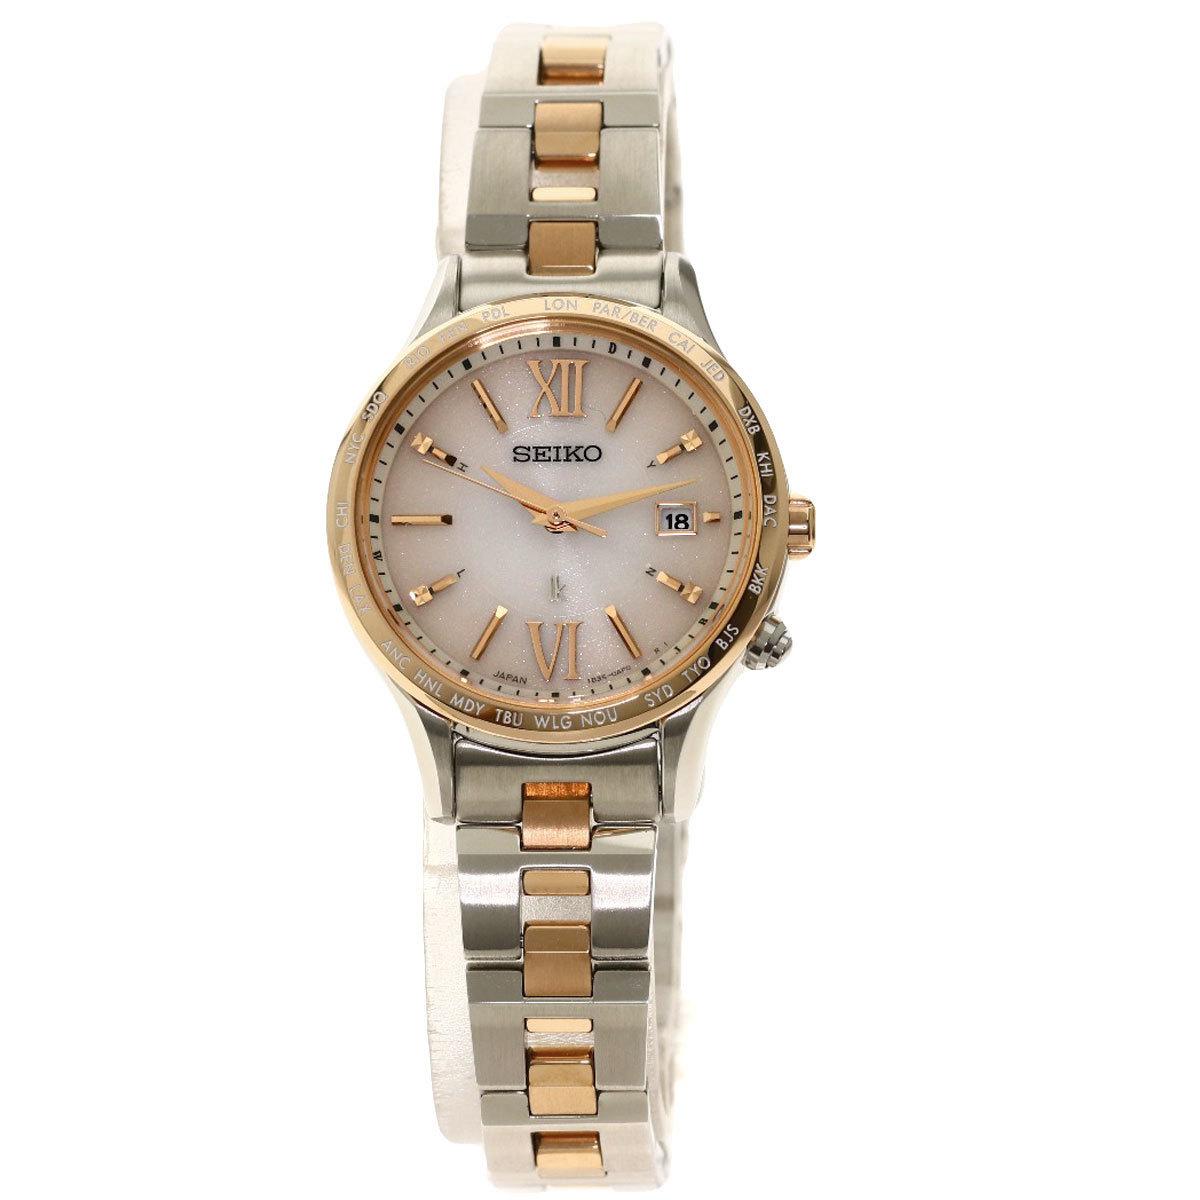 Seiko VV036 Rukia 1B35-0AB0 Watch Stainless Steel GP Ladies